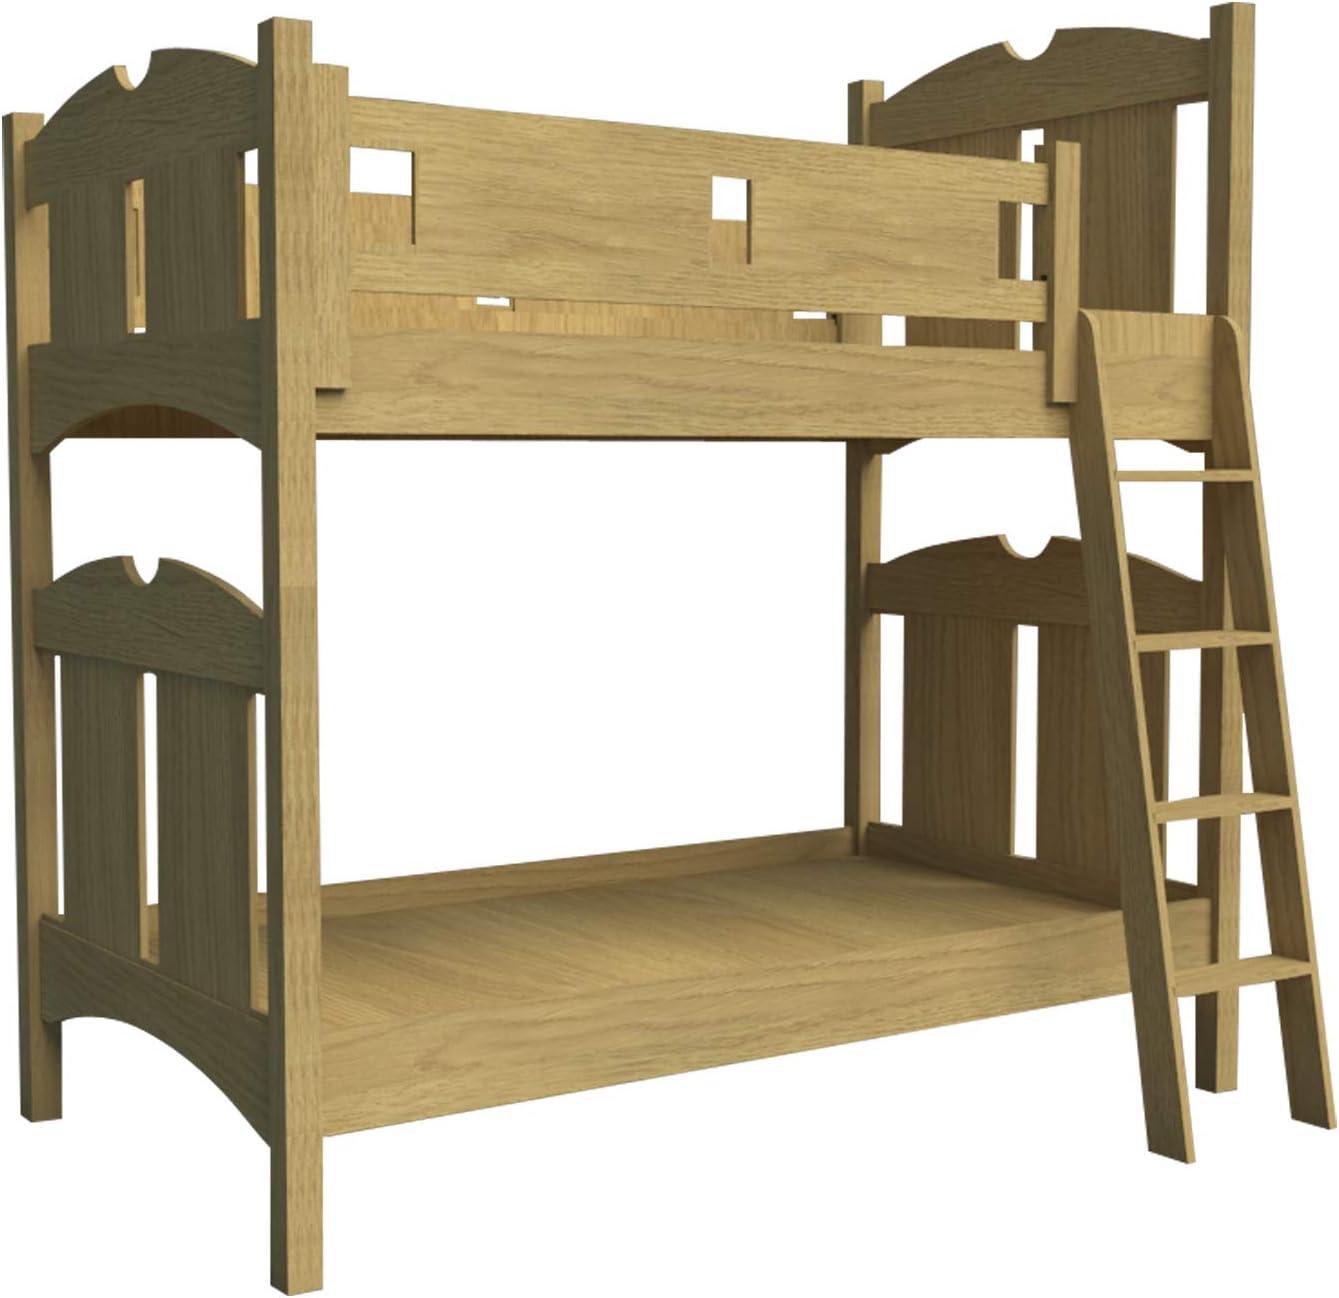 Construye tu propia litera de madera con planes de escalera DIY muebles de dormitorio carpintería: Amazon.es: Juguetes y juegos